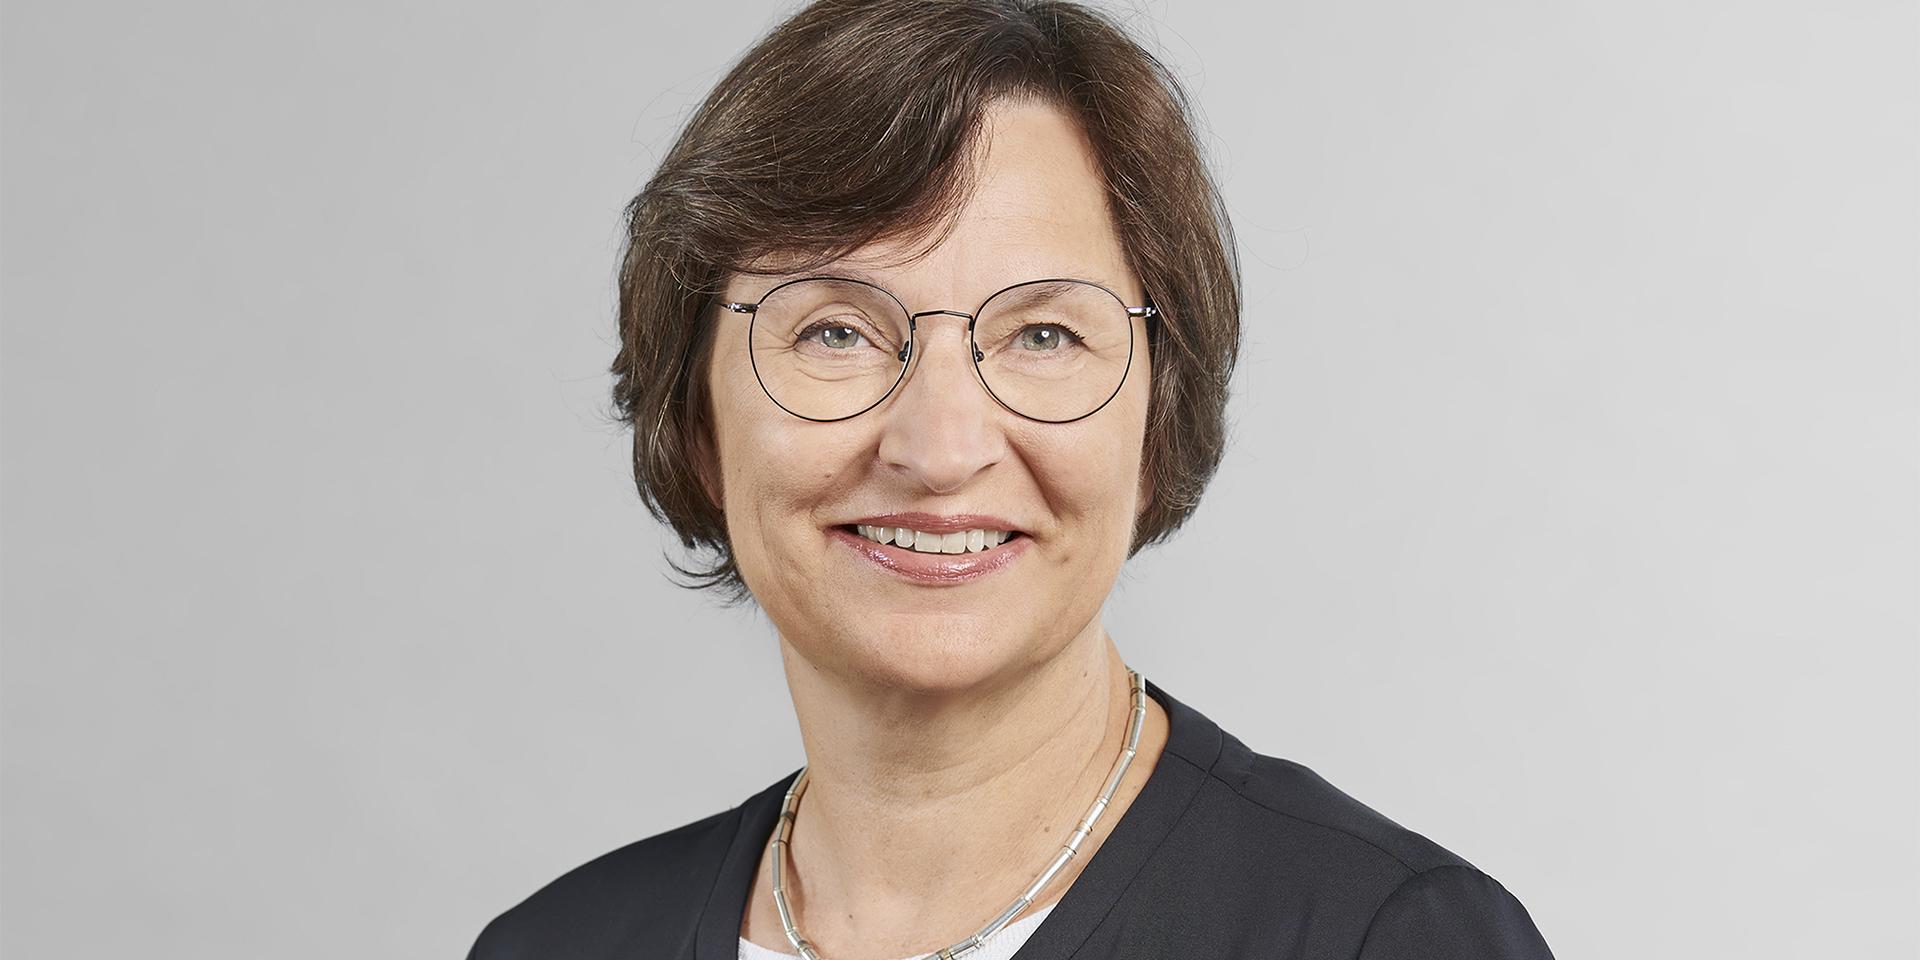 Elisabeth Hann von Weyhern